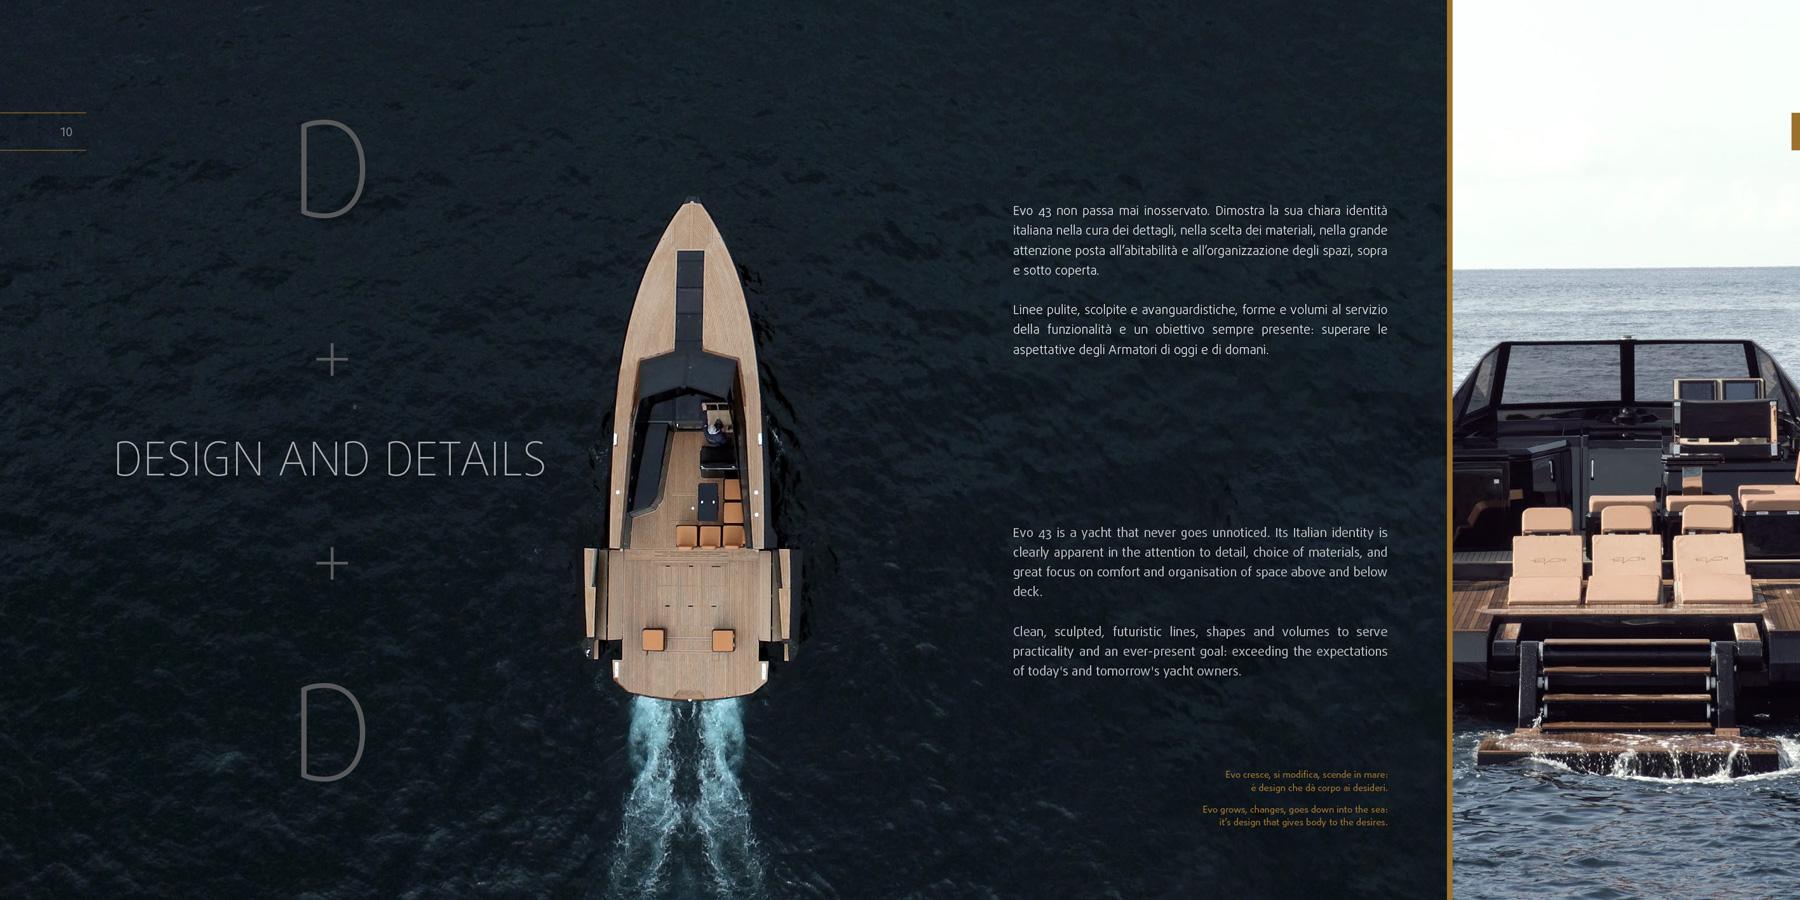 evo-yachts-p2